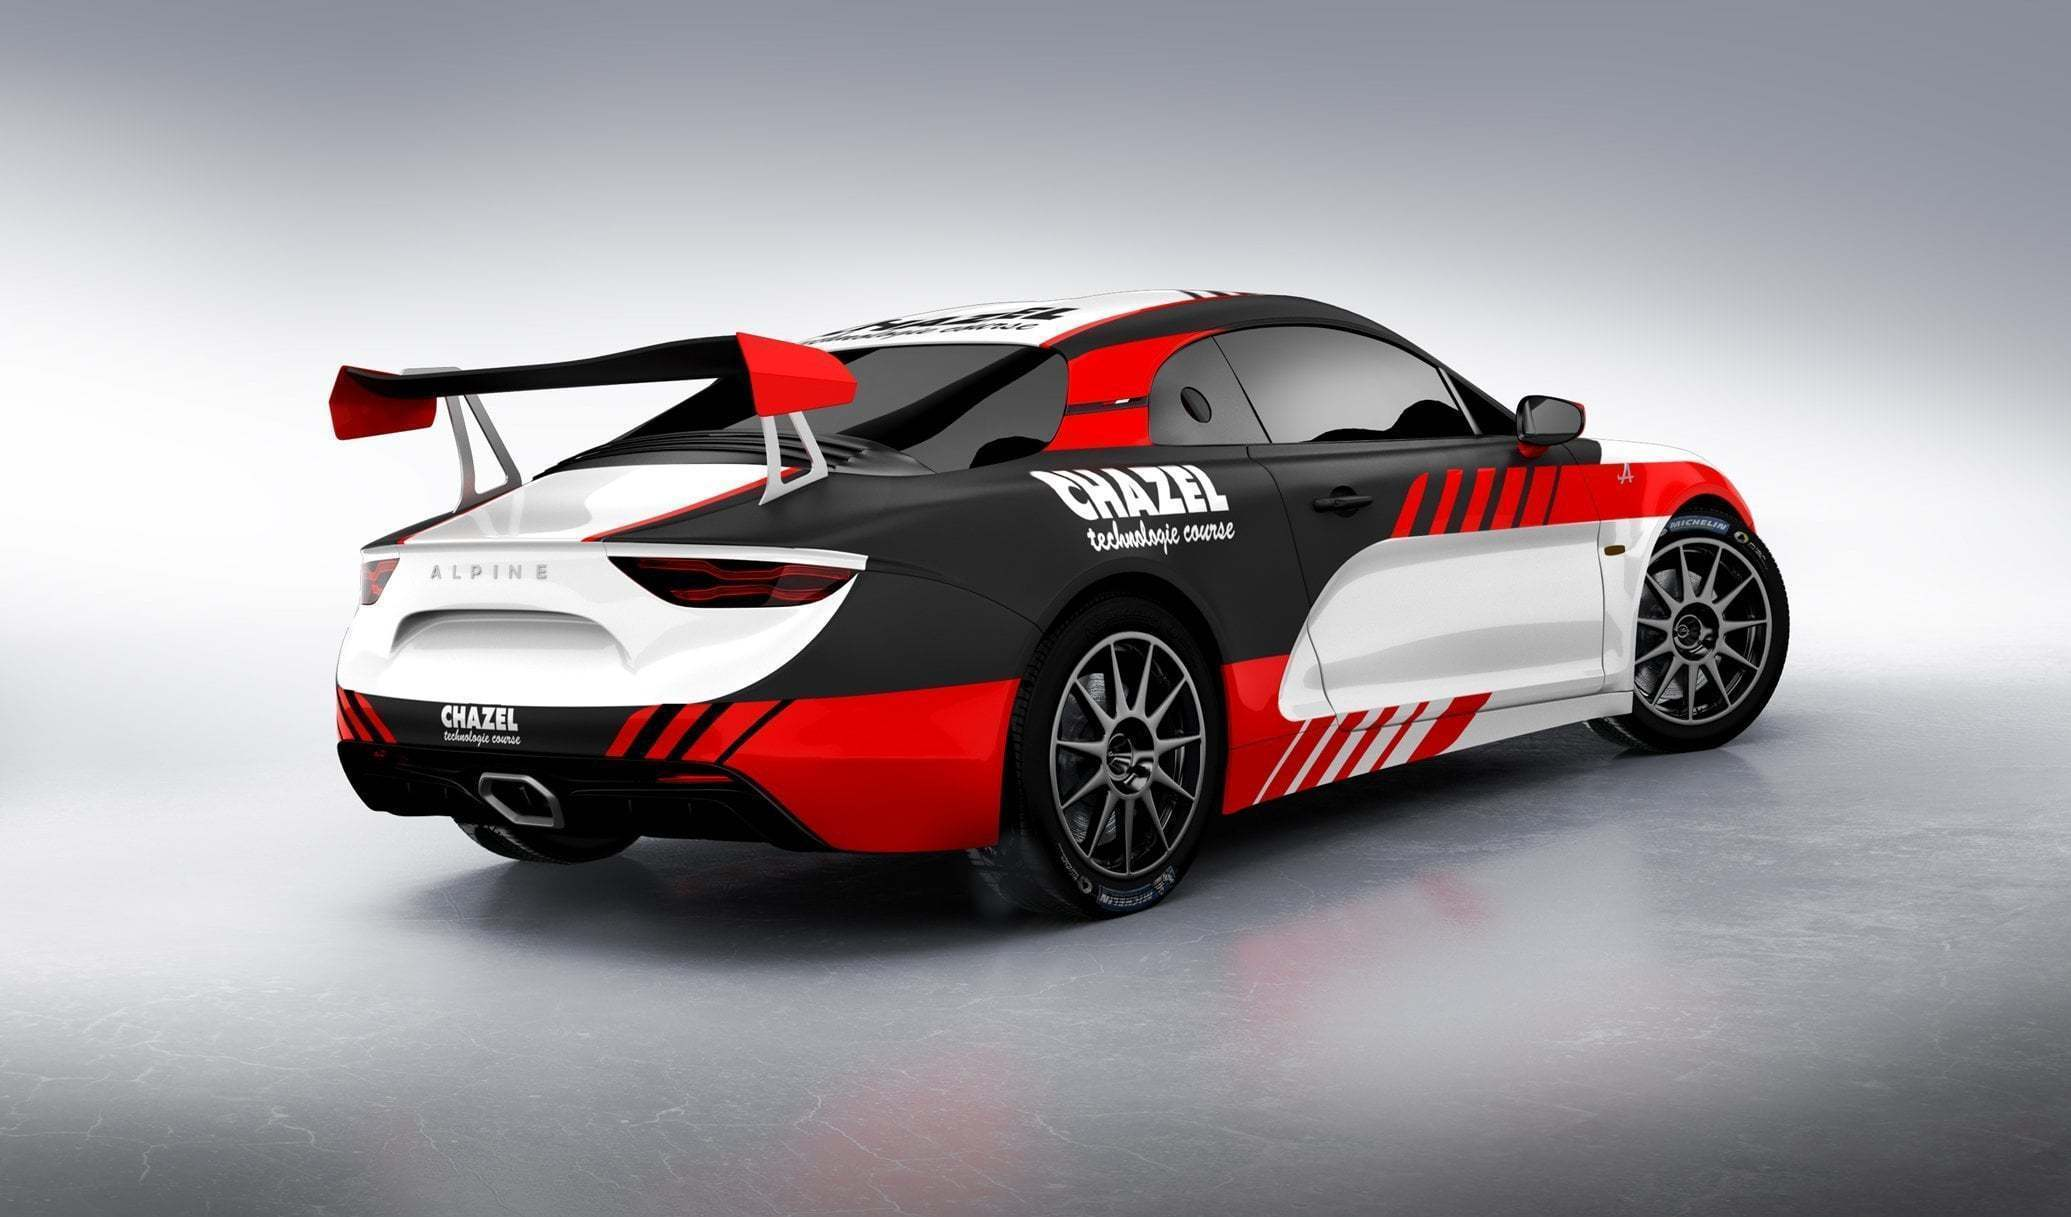 Alpine RGT CHAZEL 2   Le Team Chazel Technologie Course engagera une Alpine A110 R-GT en 2020